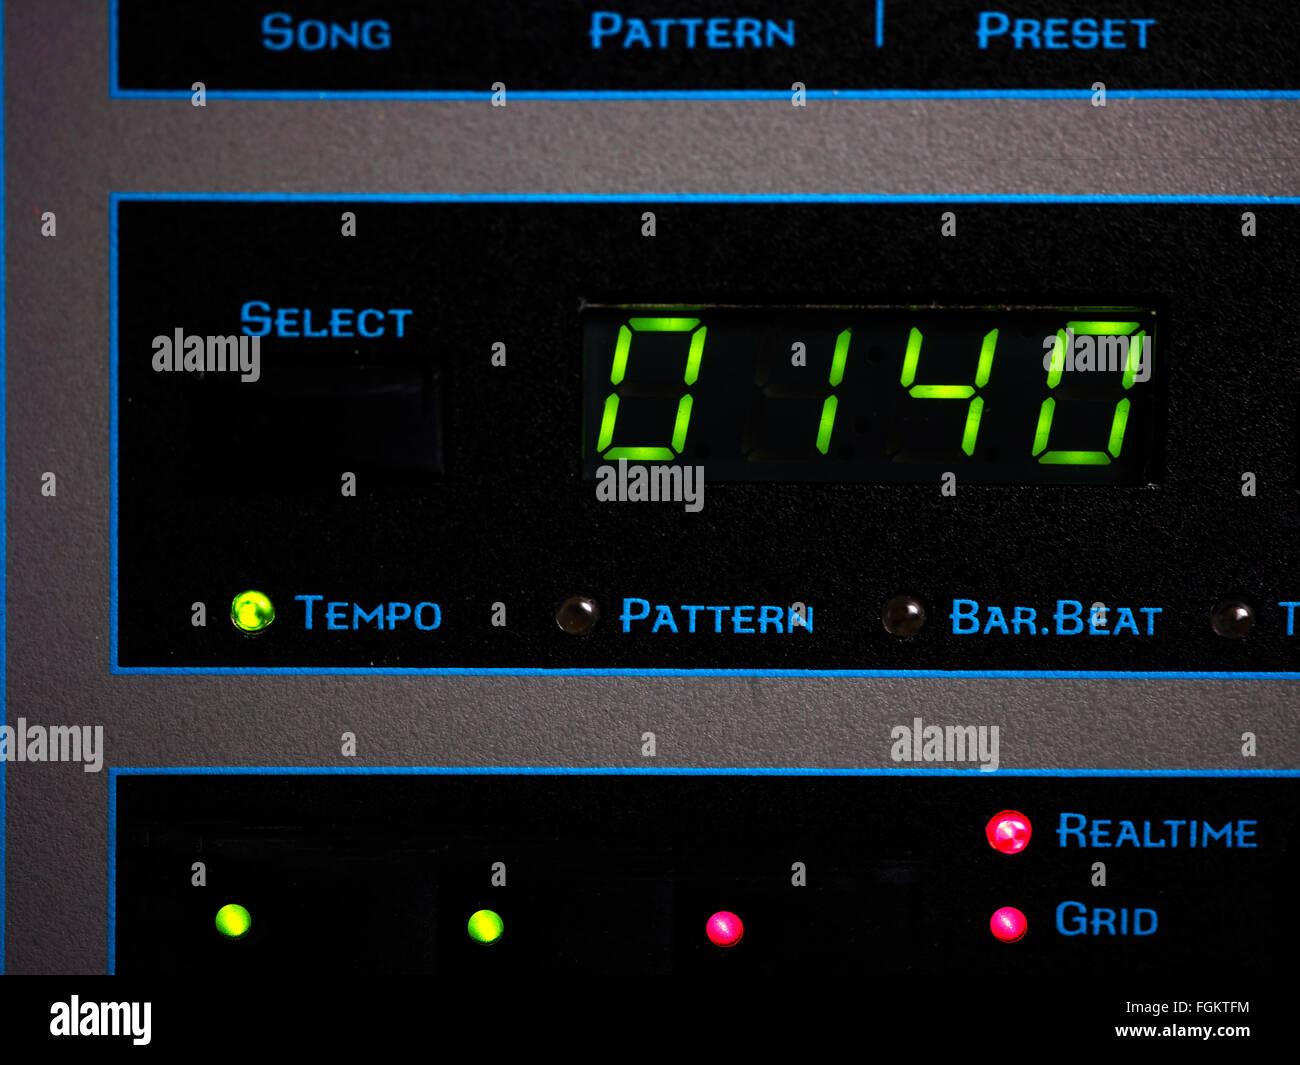 Beats Per Minute - Stock Image